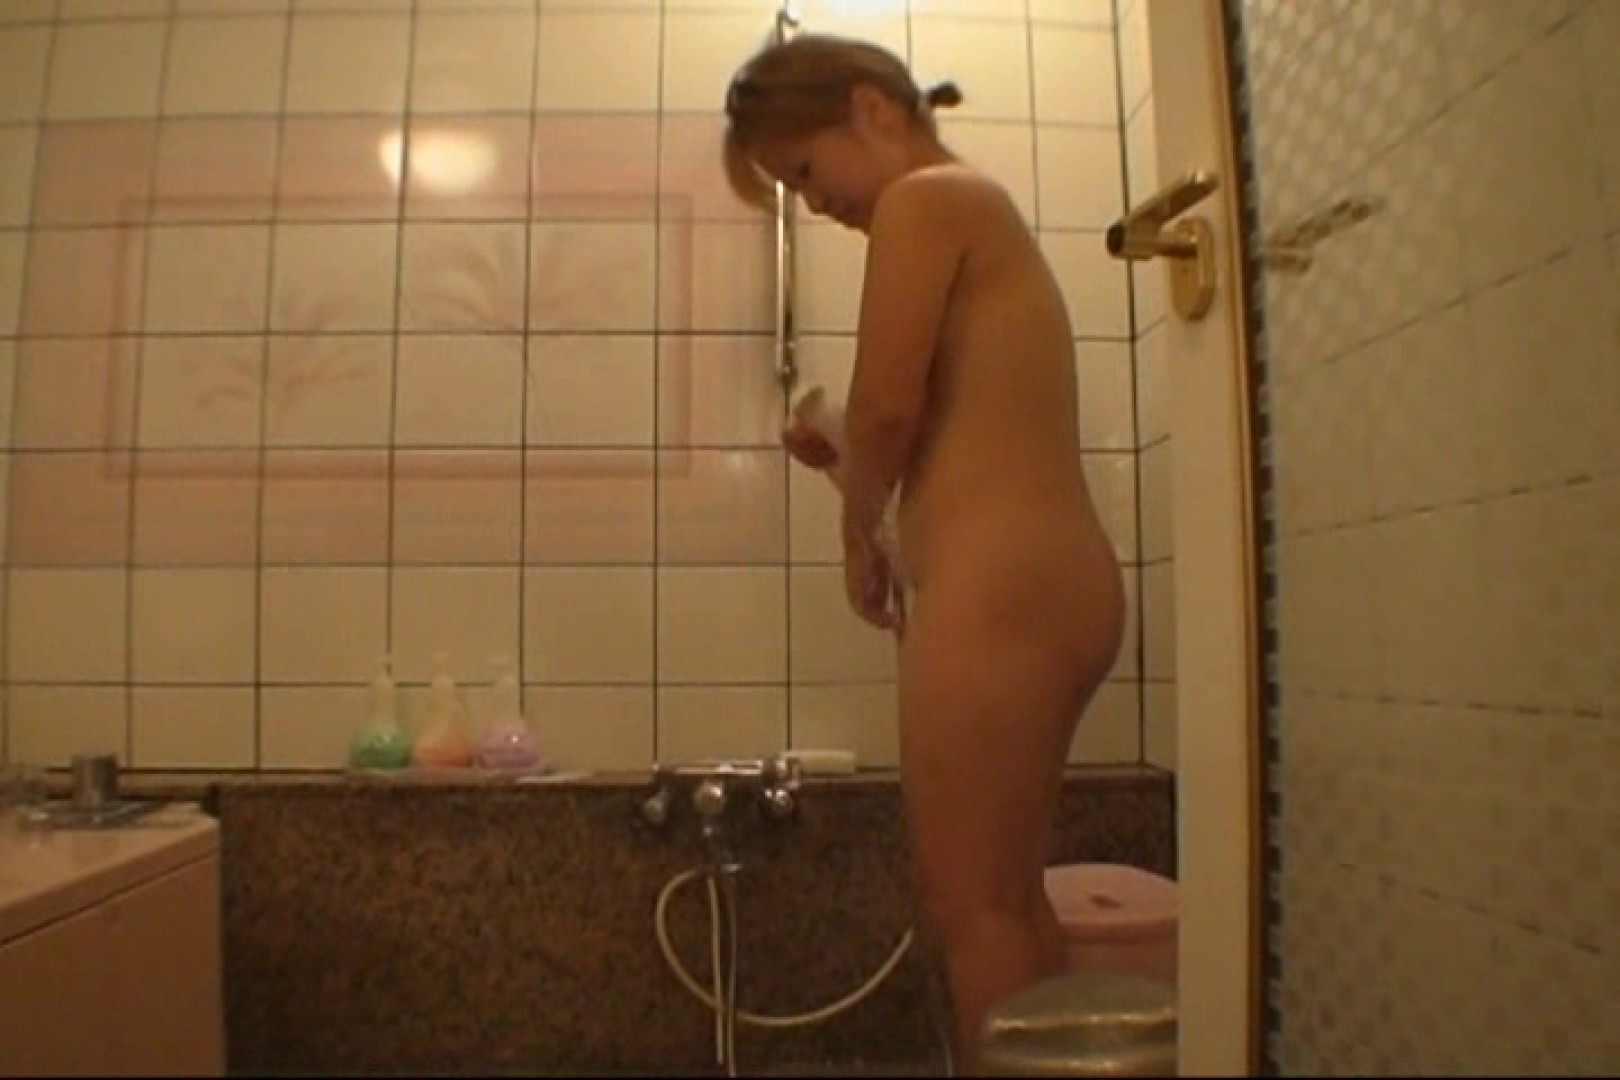 セックスアダルト動画|これが本物素人嬢への中出しだ! さゆり19歳|大奥